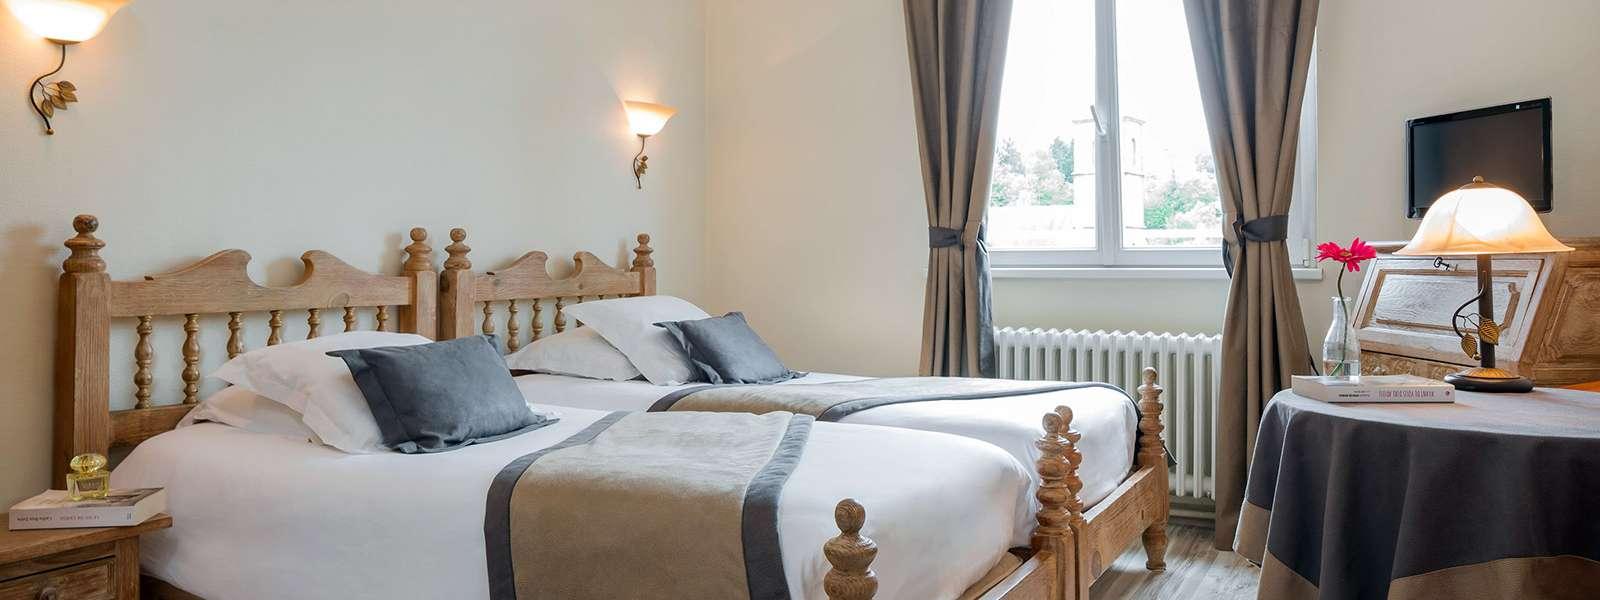 Hôtel Le Bristol, Niederbronn-les-Bains, Alsace, chambre confort